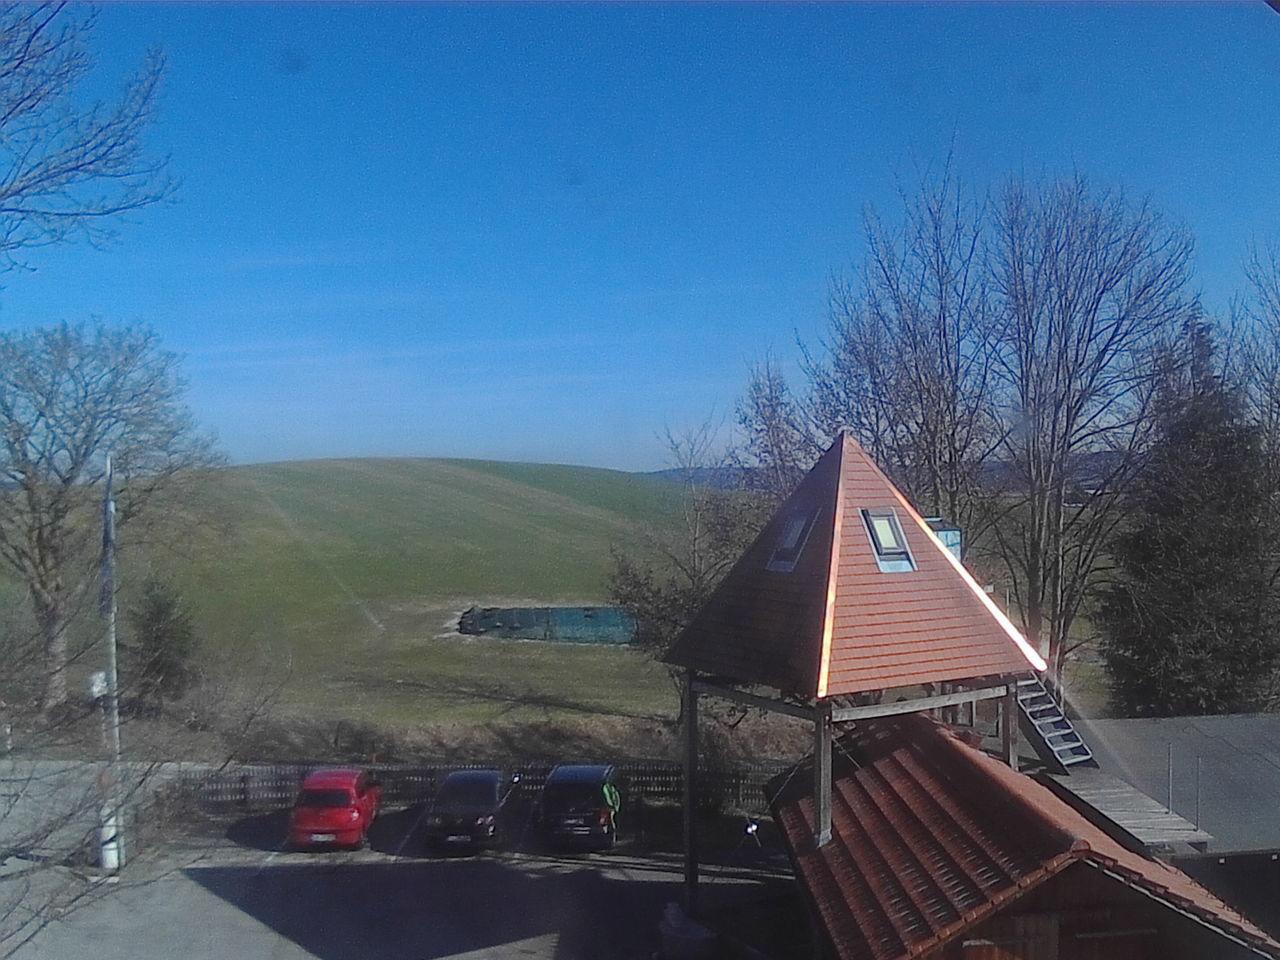 Autos Feld Himmel Himmel Und Wolken Landschaft Pyramid Pyramide Wiese  First Eyeem Photo